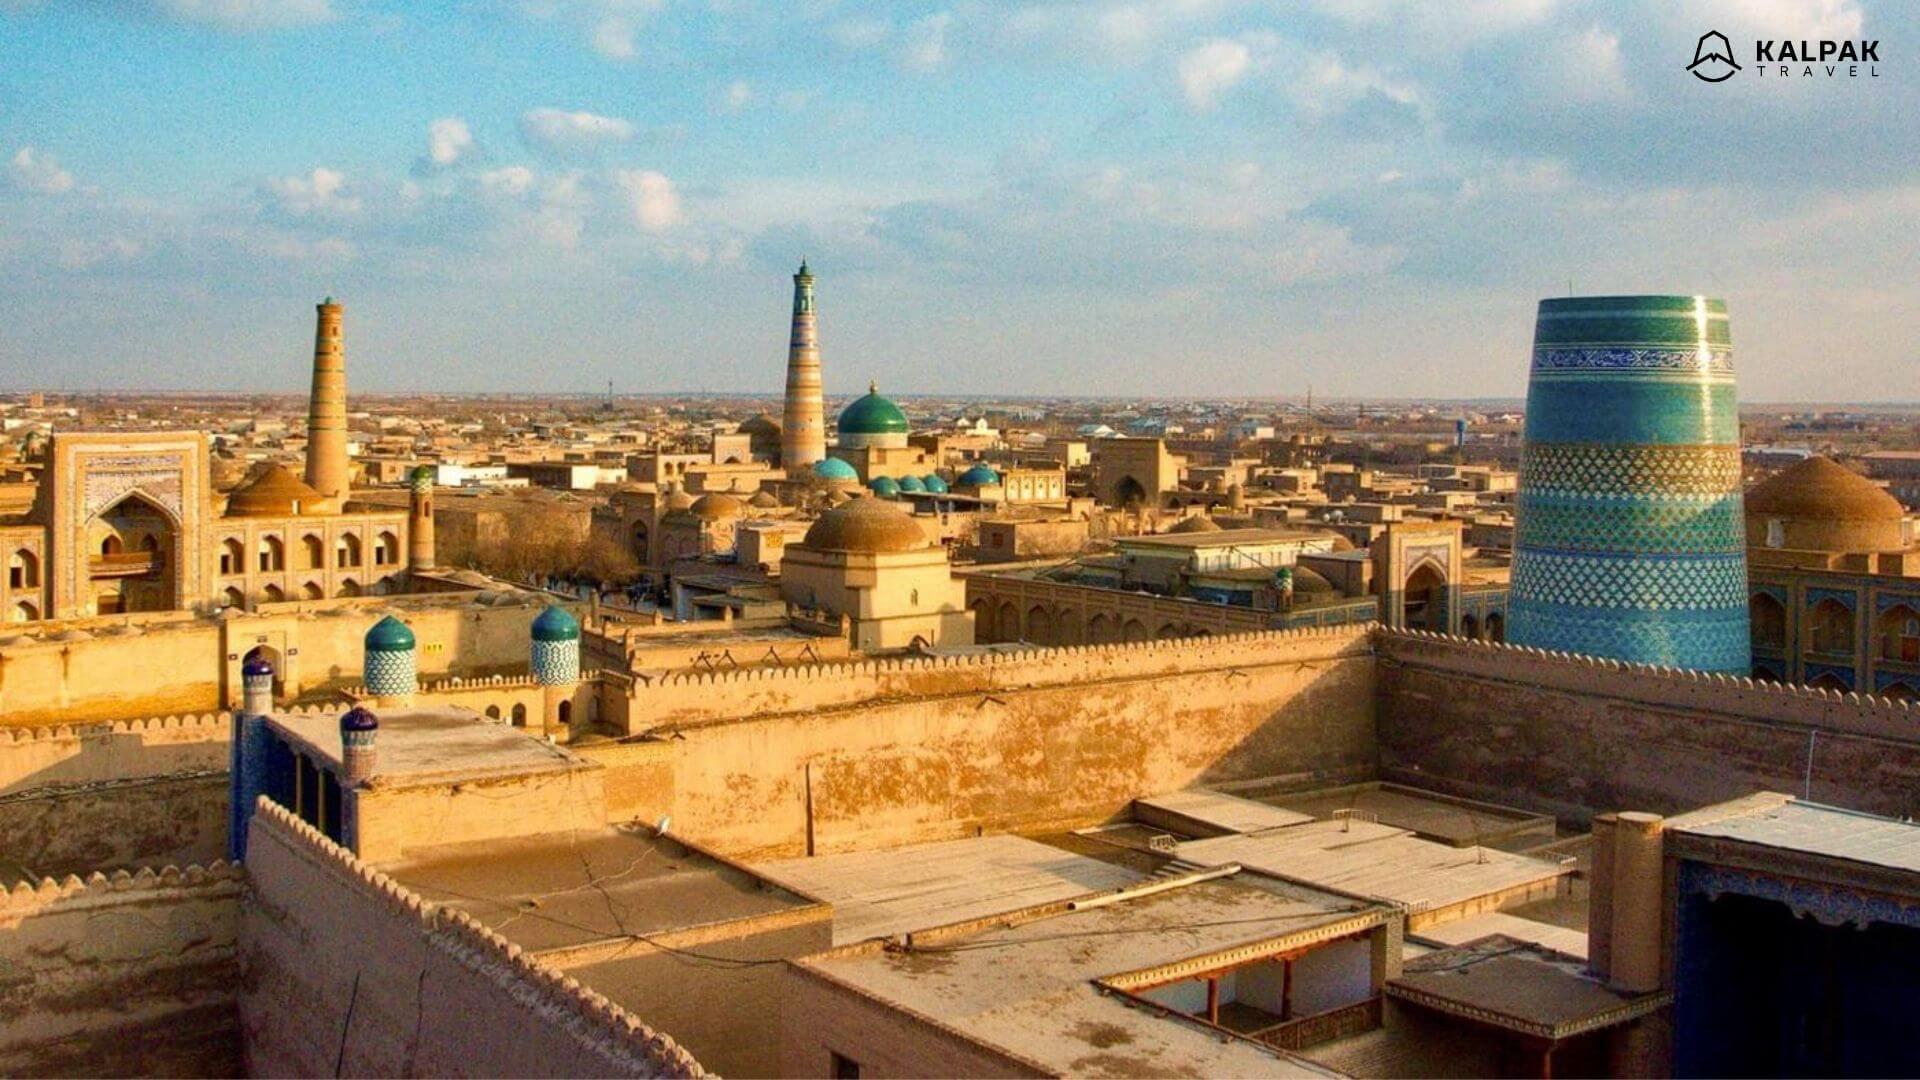 Khiva is a Silk Road city in Uzbekistan